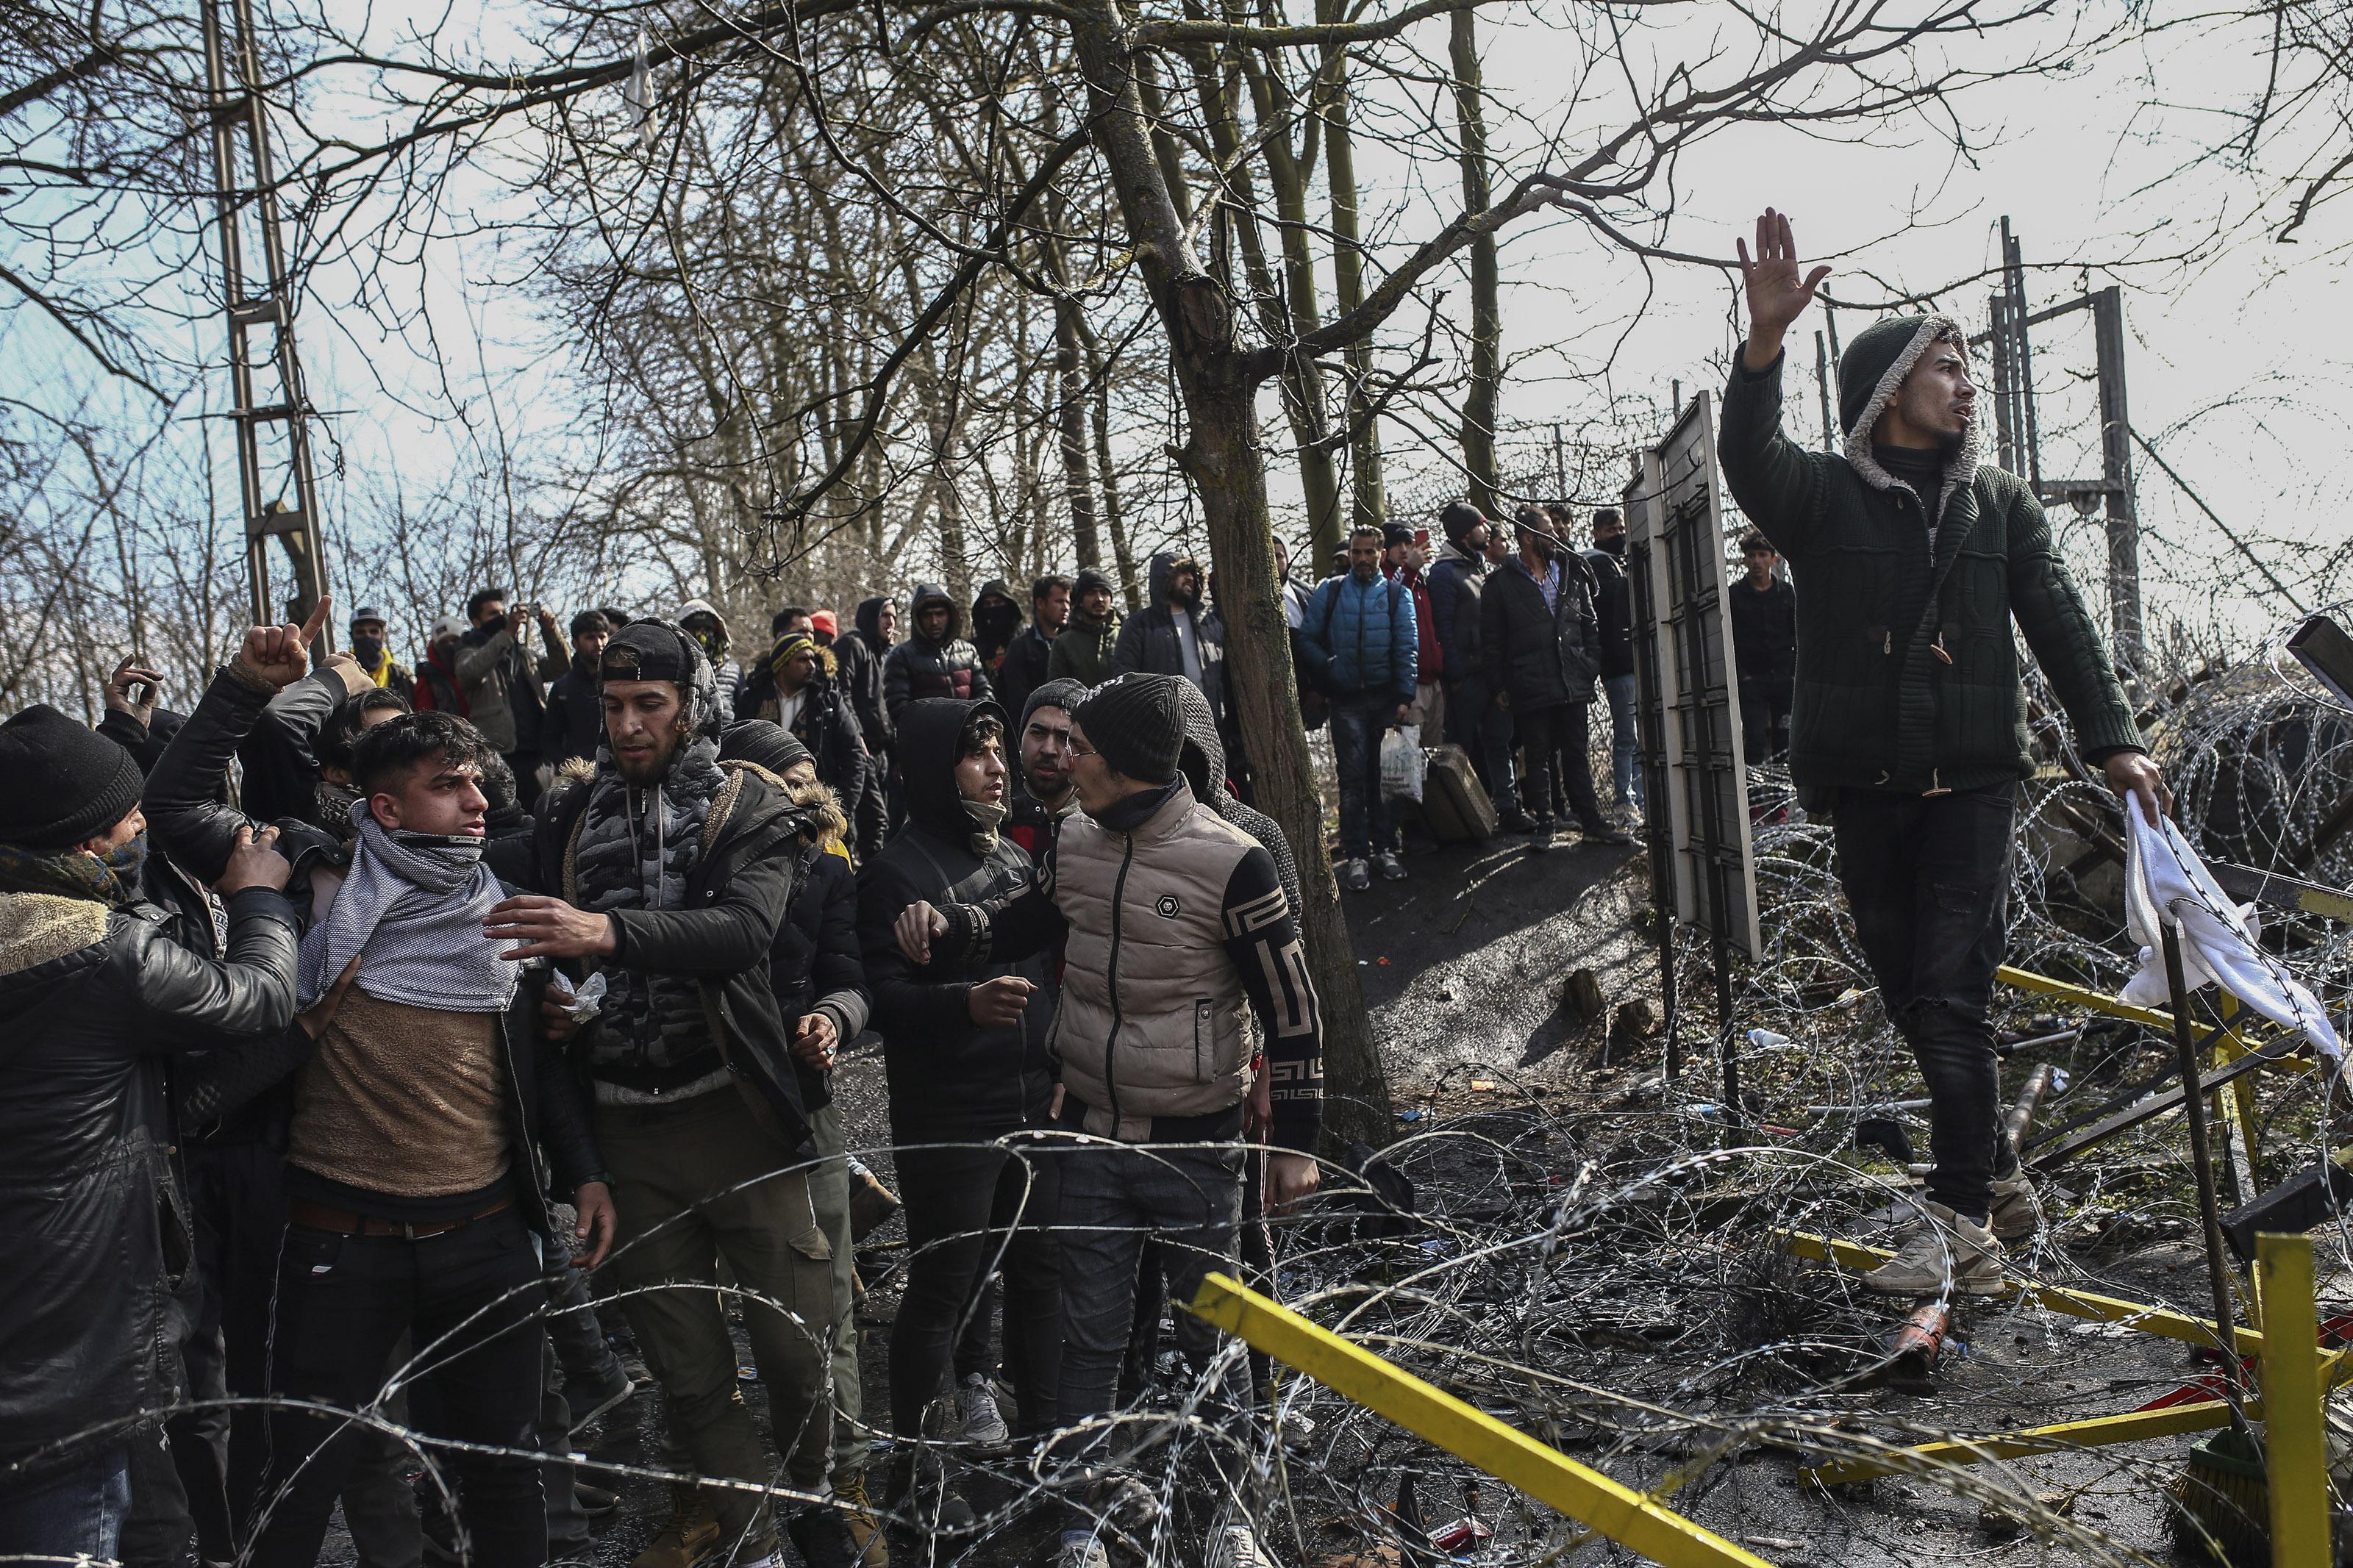 Majd 10 ezer ember EU-ba lépését akadályozta meg a görög határőrség a görög-török határon